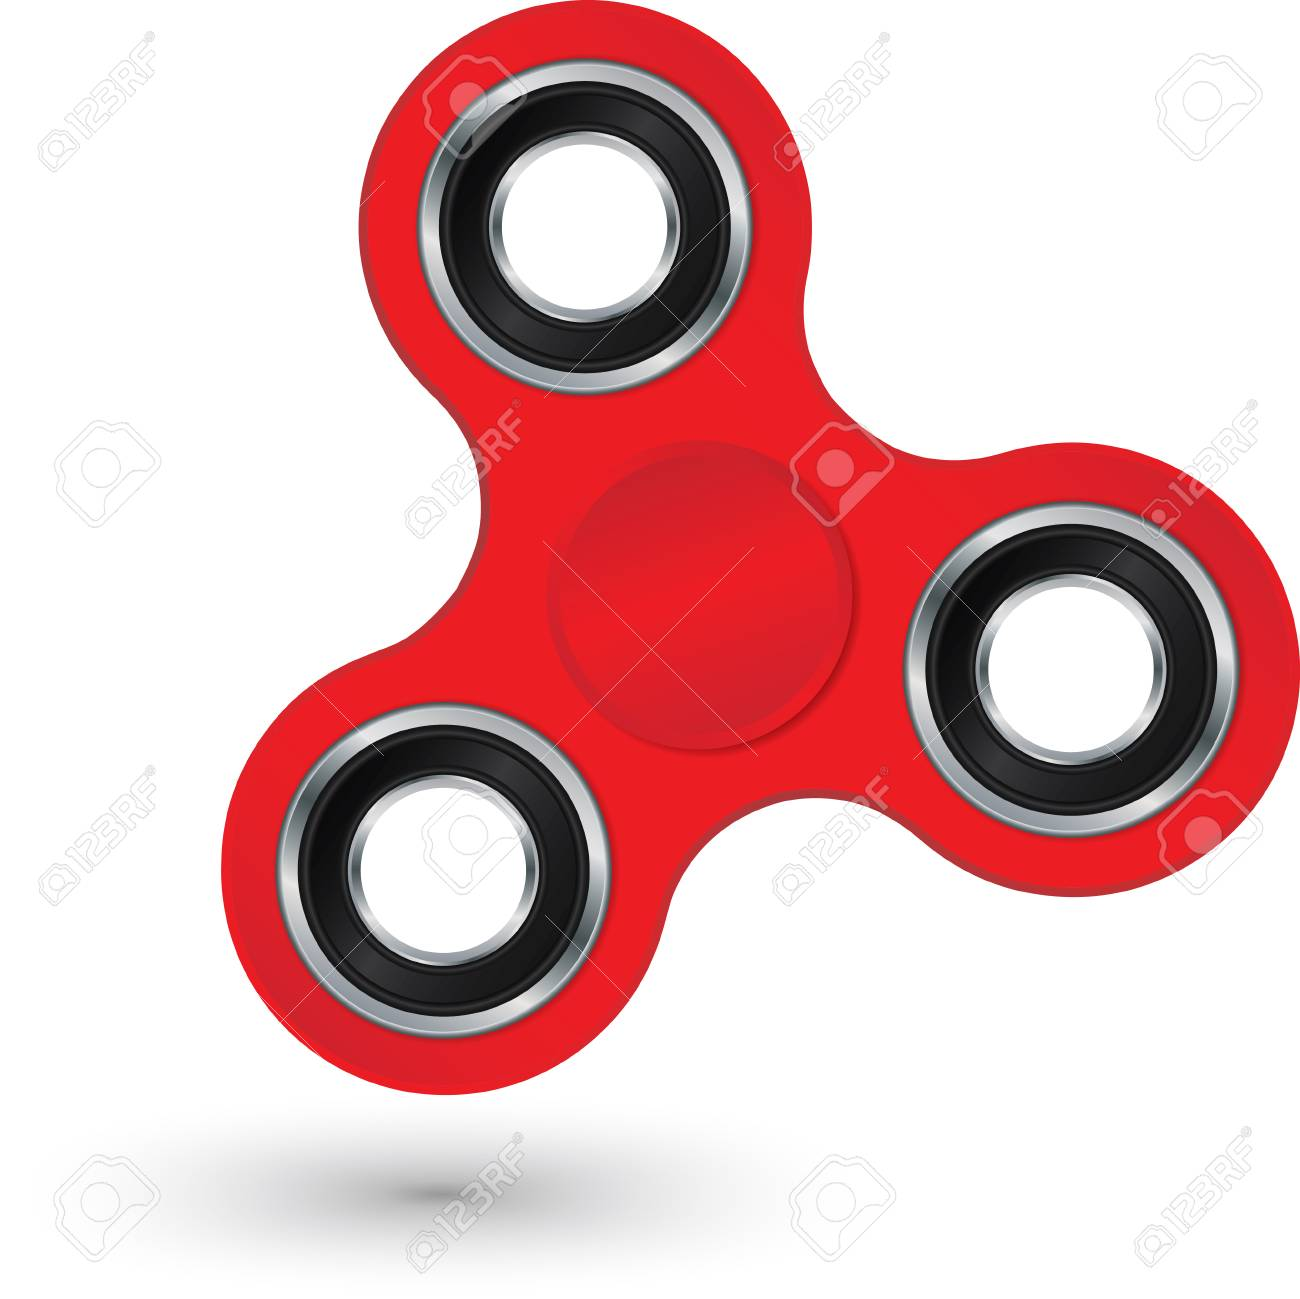 Fidget Spinner stress relief toy